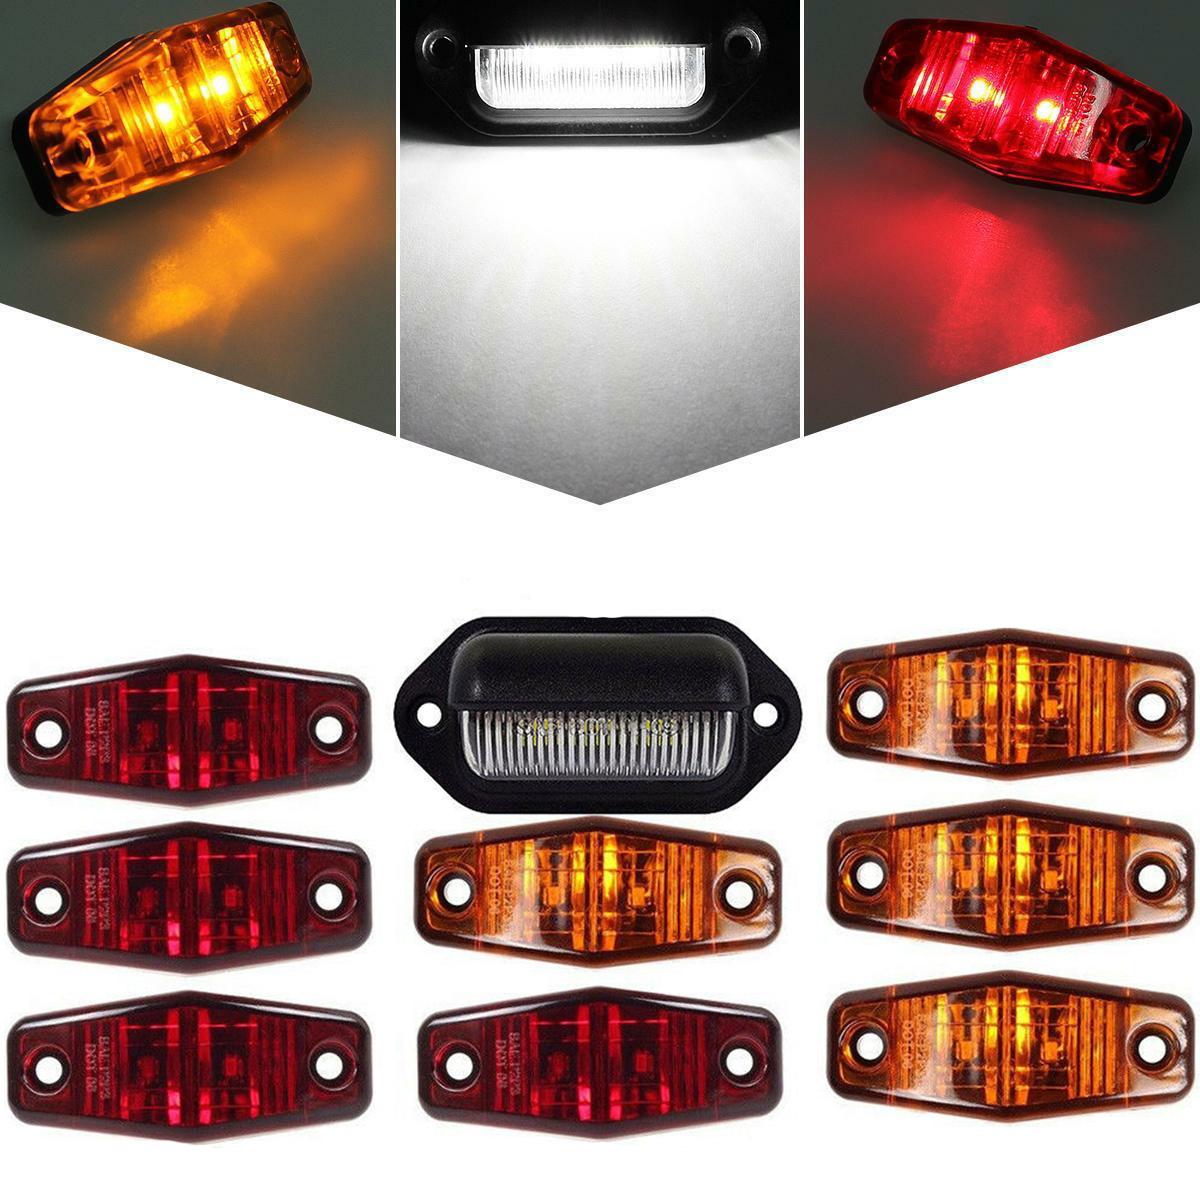 Pair Led License Plate Light for Trailer Truck White 3Diodes Surface Mount 12V